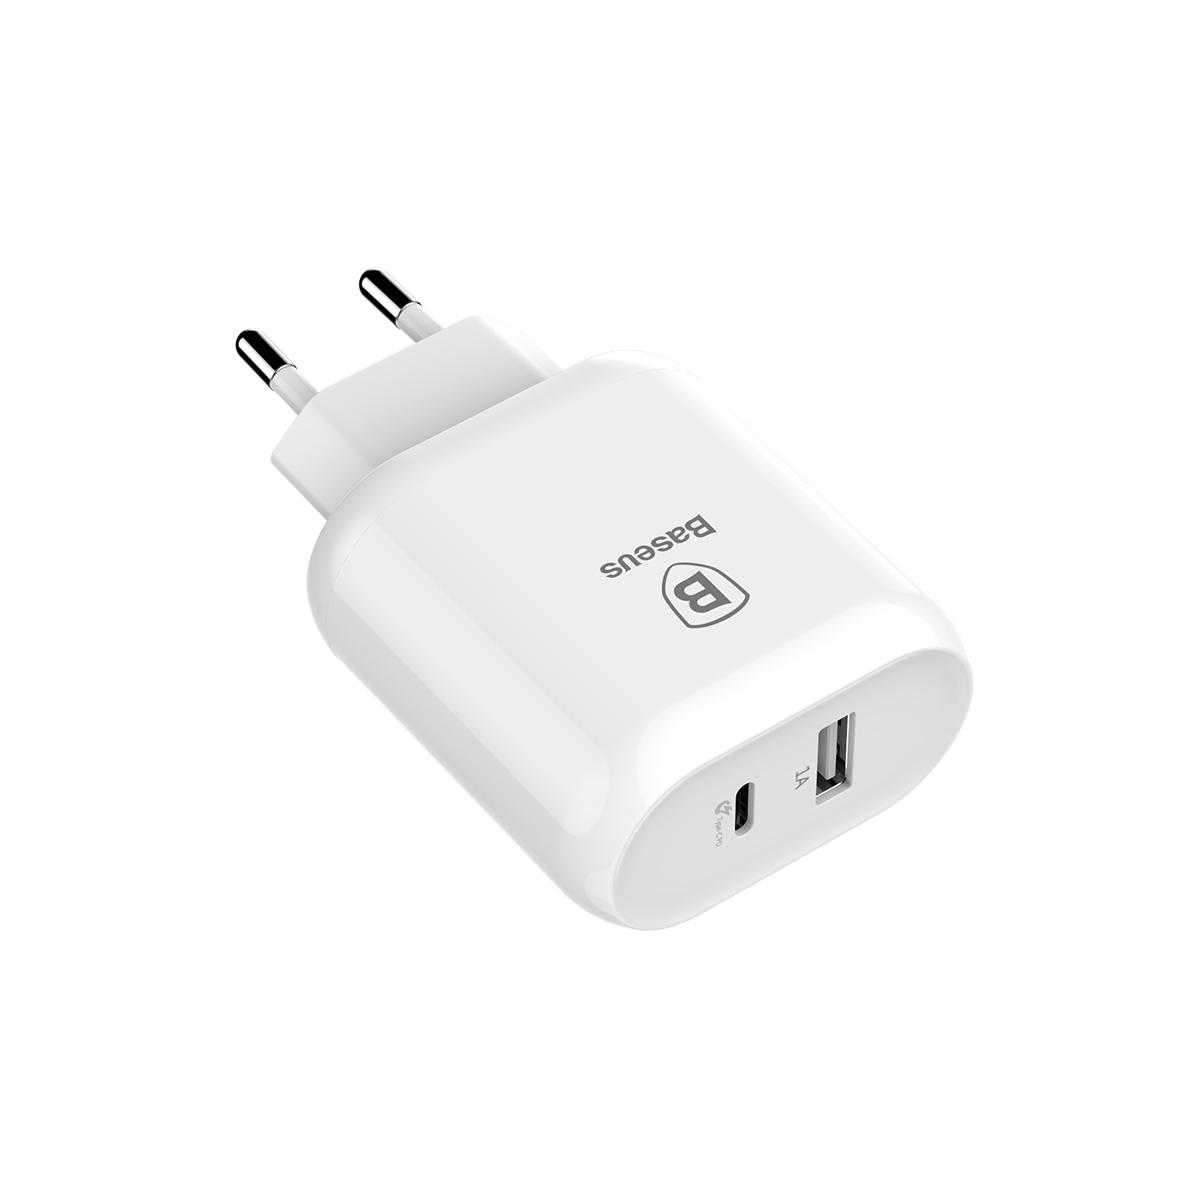 Сетевое зарядное устройство Baseus Bojure Series Type-C to Lightning PD cable set EU White